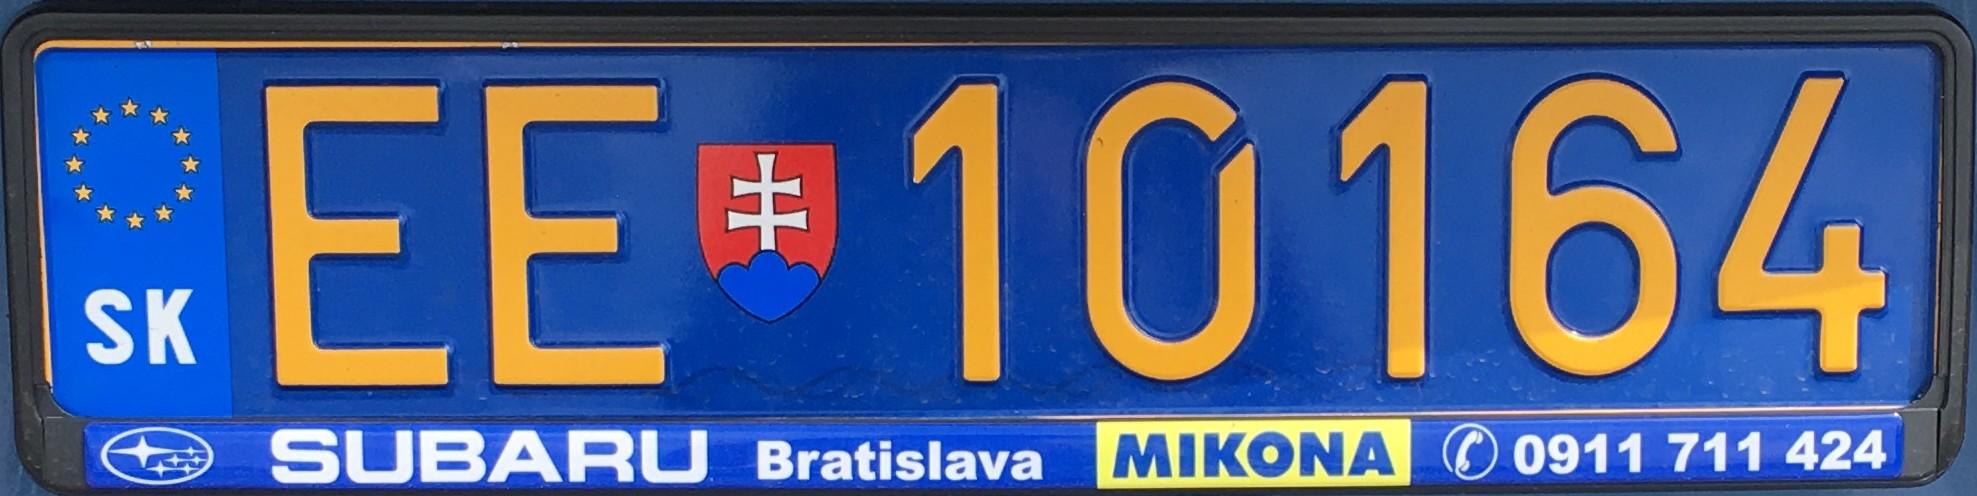 Slovenská diplomatická registrační značka